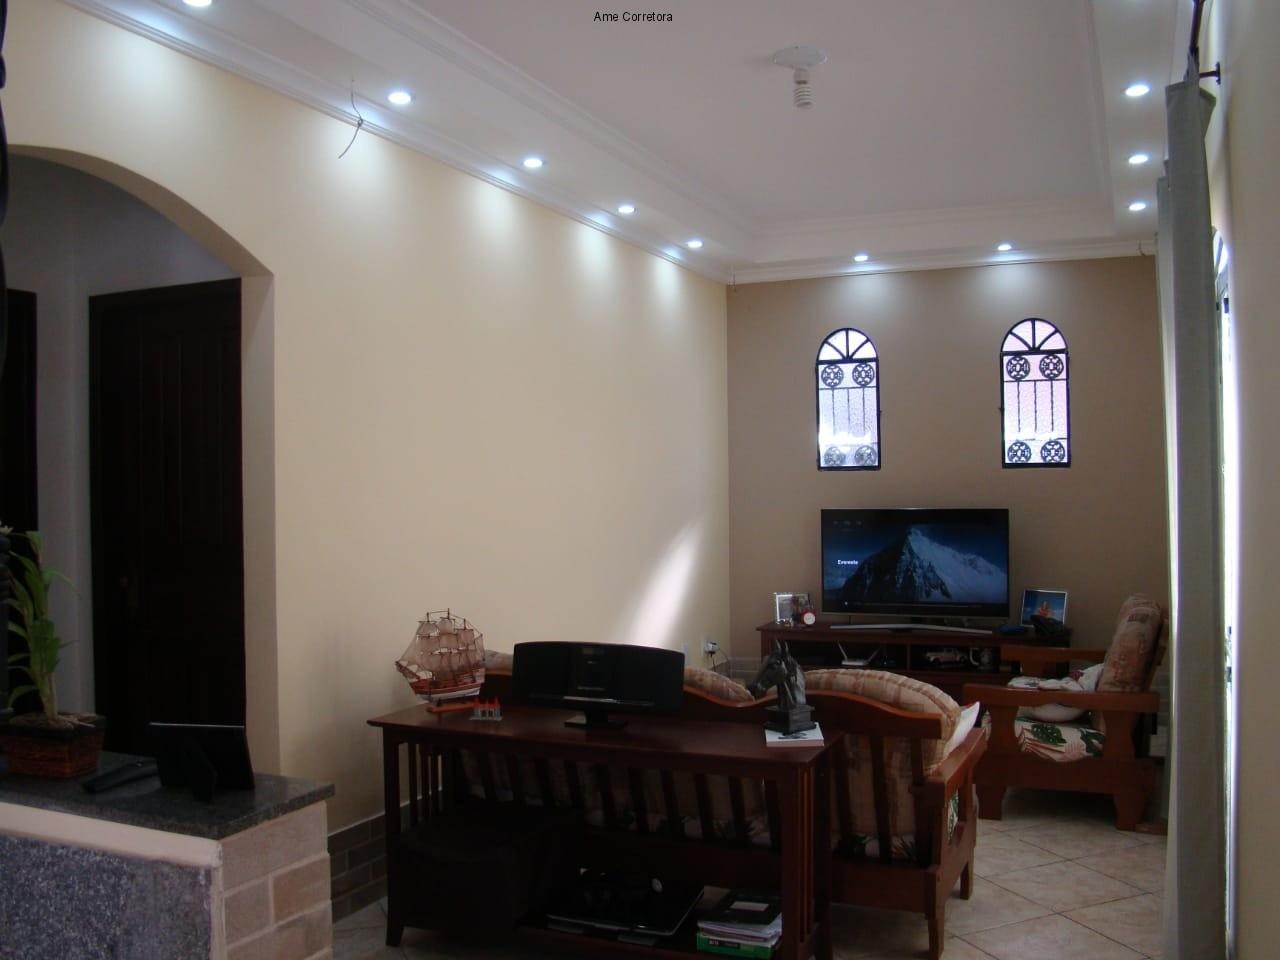 FOTO 36 - Casa 3 quartos à venda Guaratiba, Rio de Janeiro - R$ 350.000 - CA00784 - 37